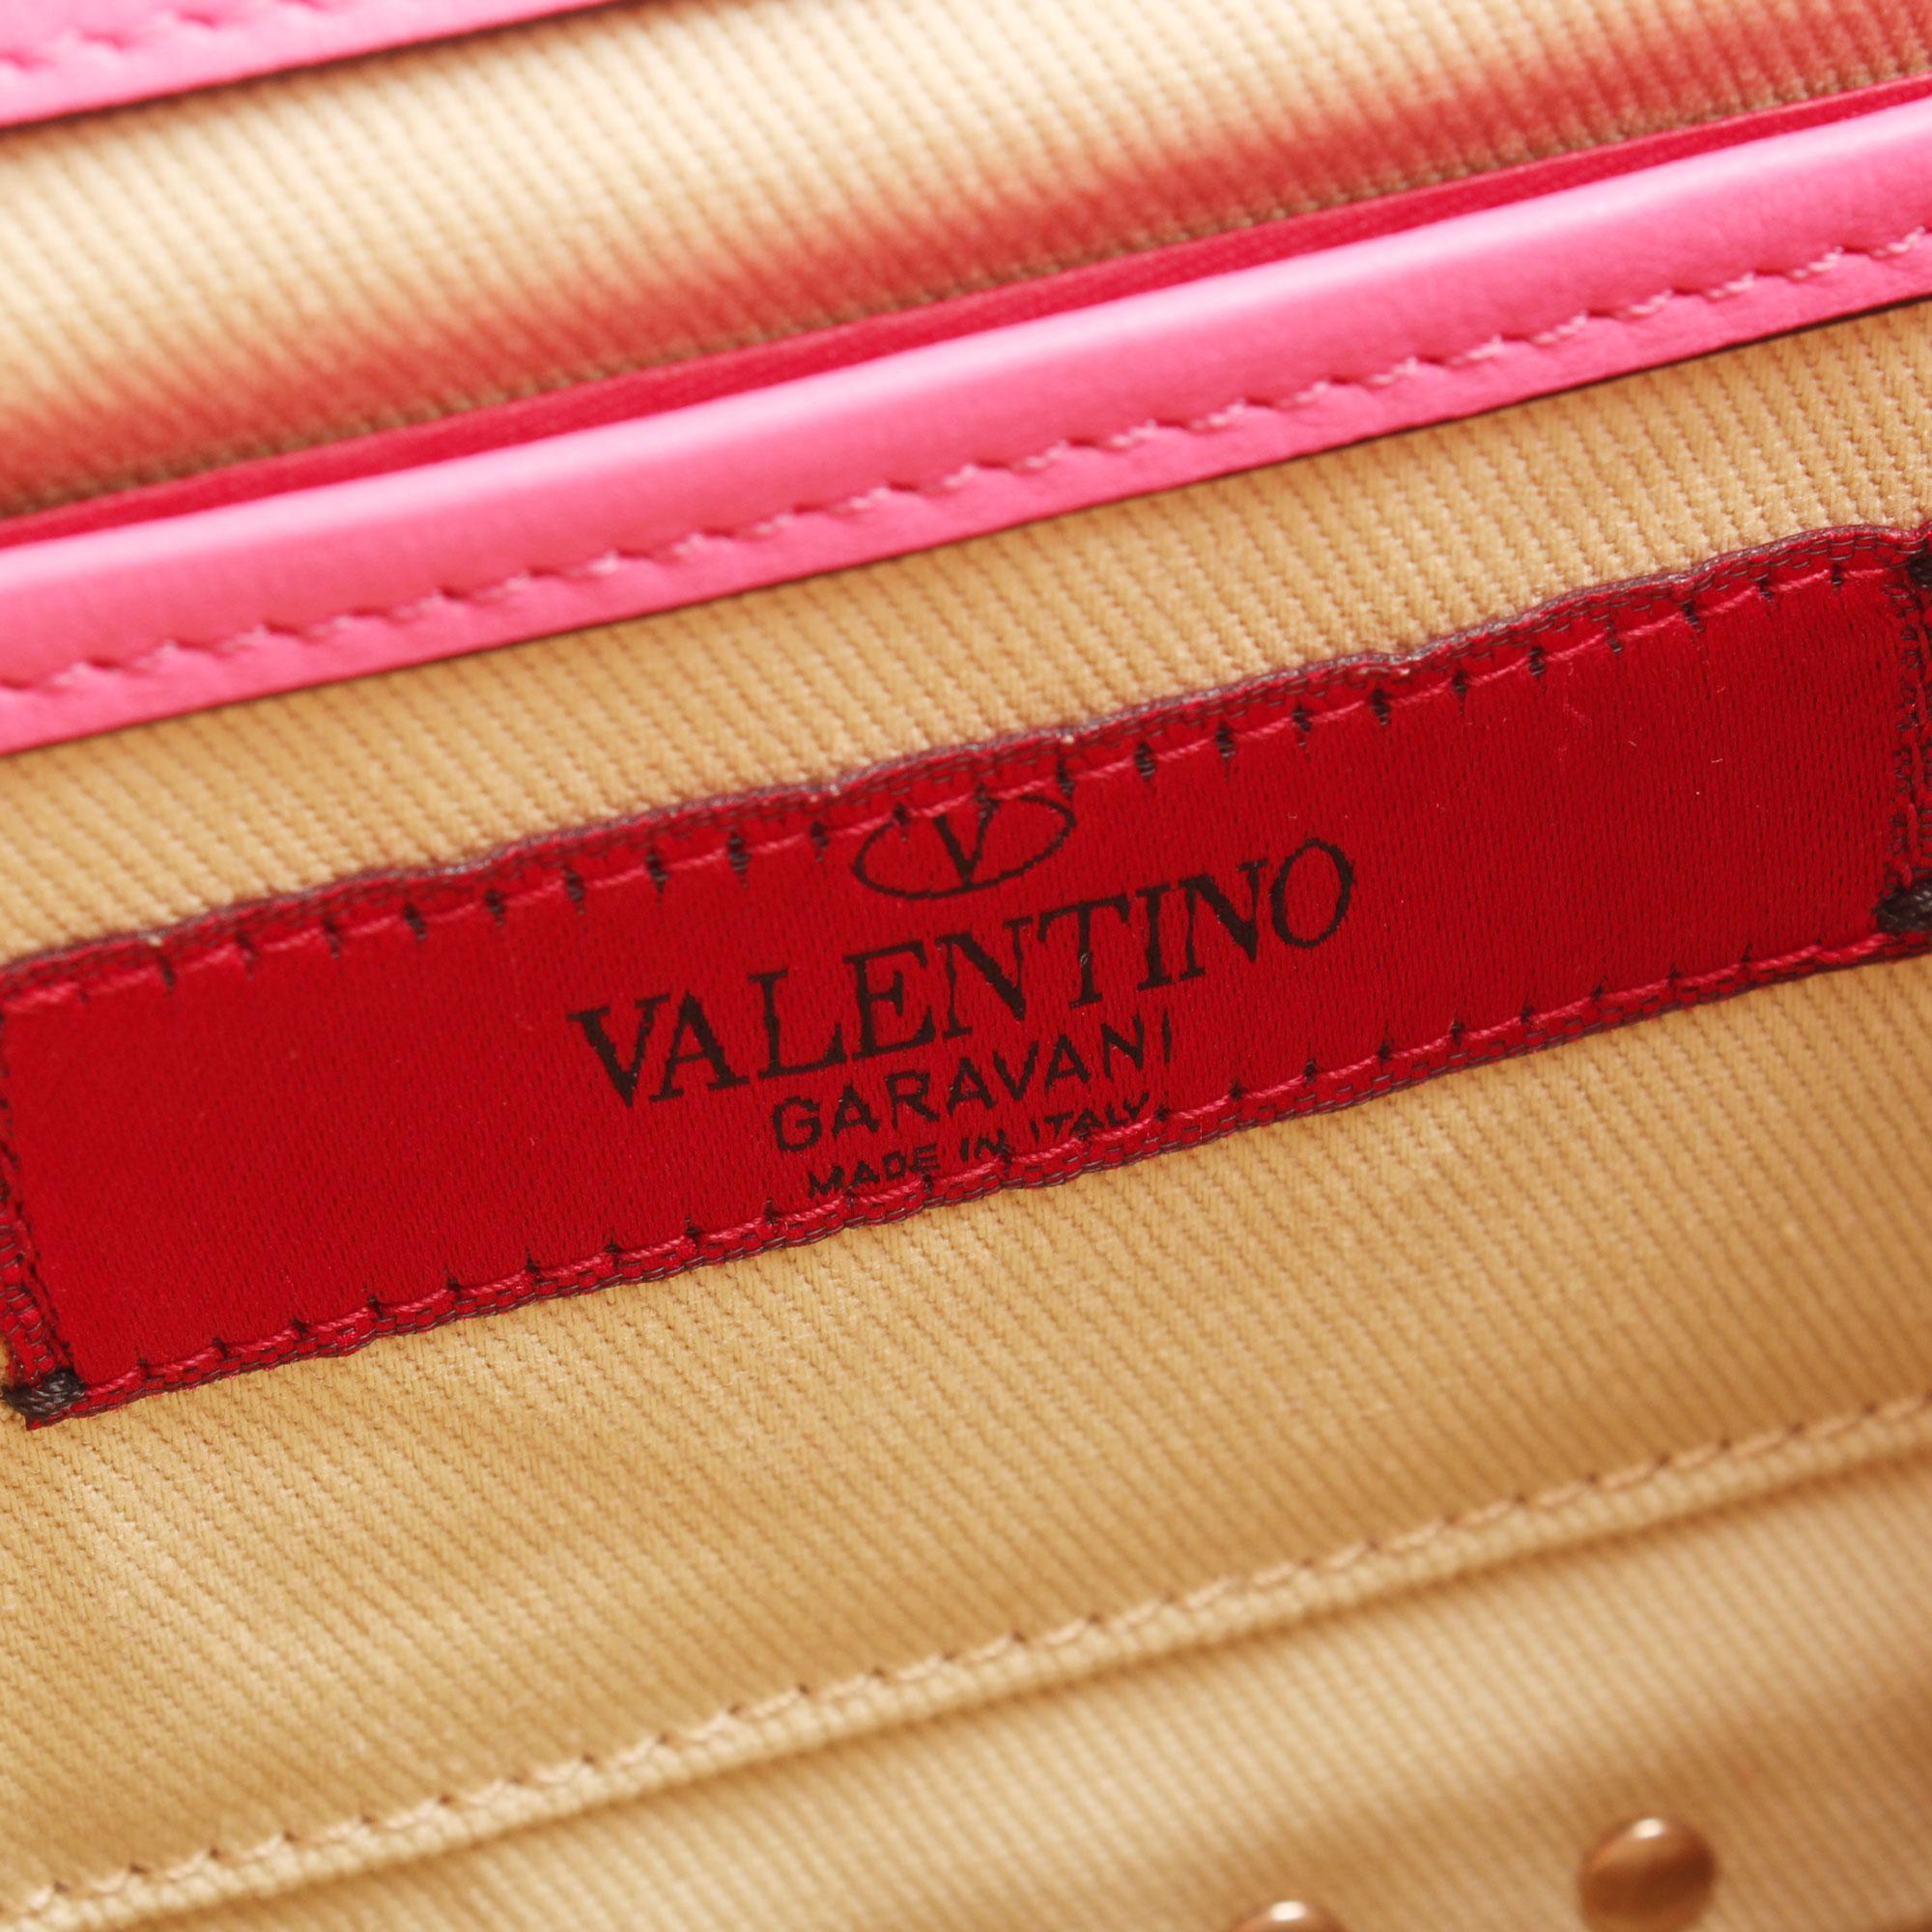 Imagen de la etiqueta de la marca del bolso valentino mini rockstud rosa